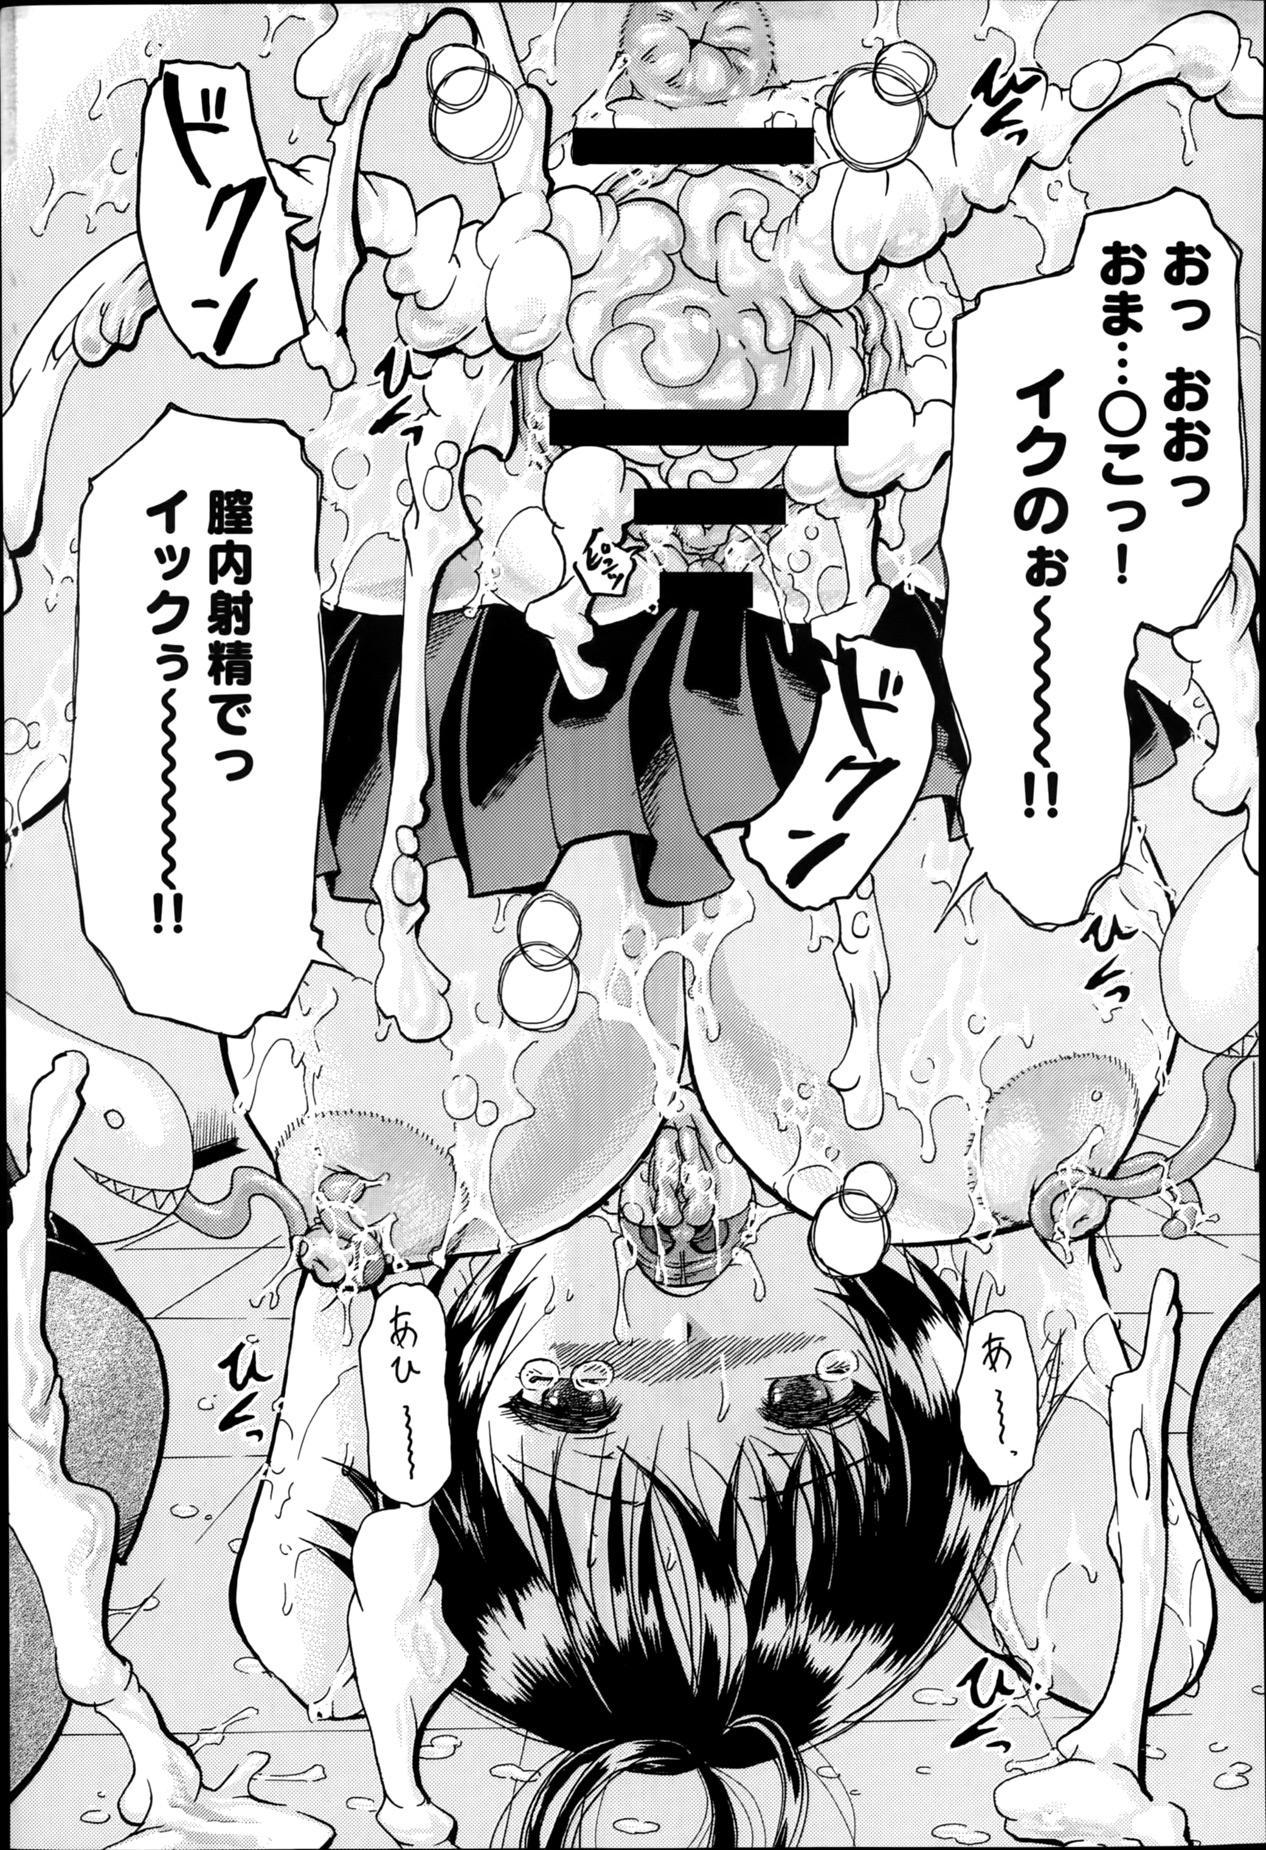 Comic Anthurium 009 2014-01 353